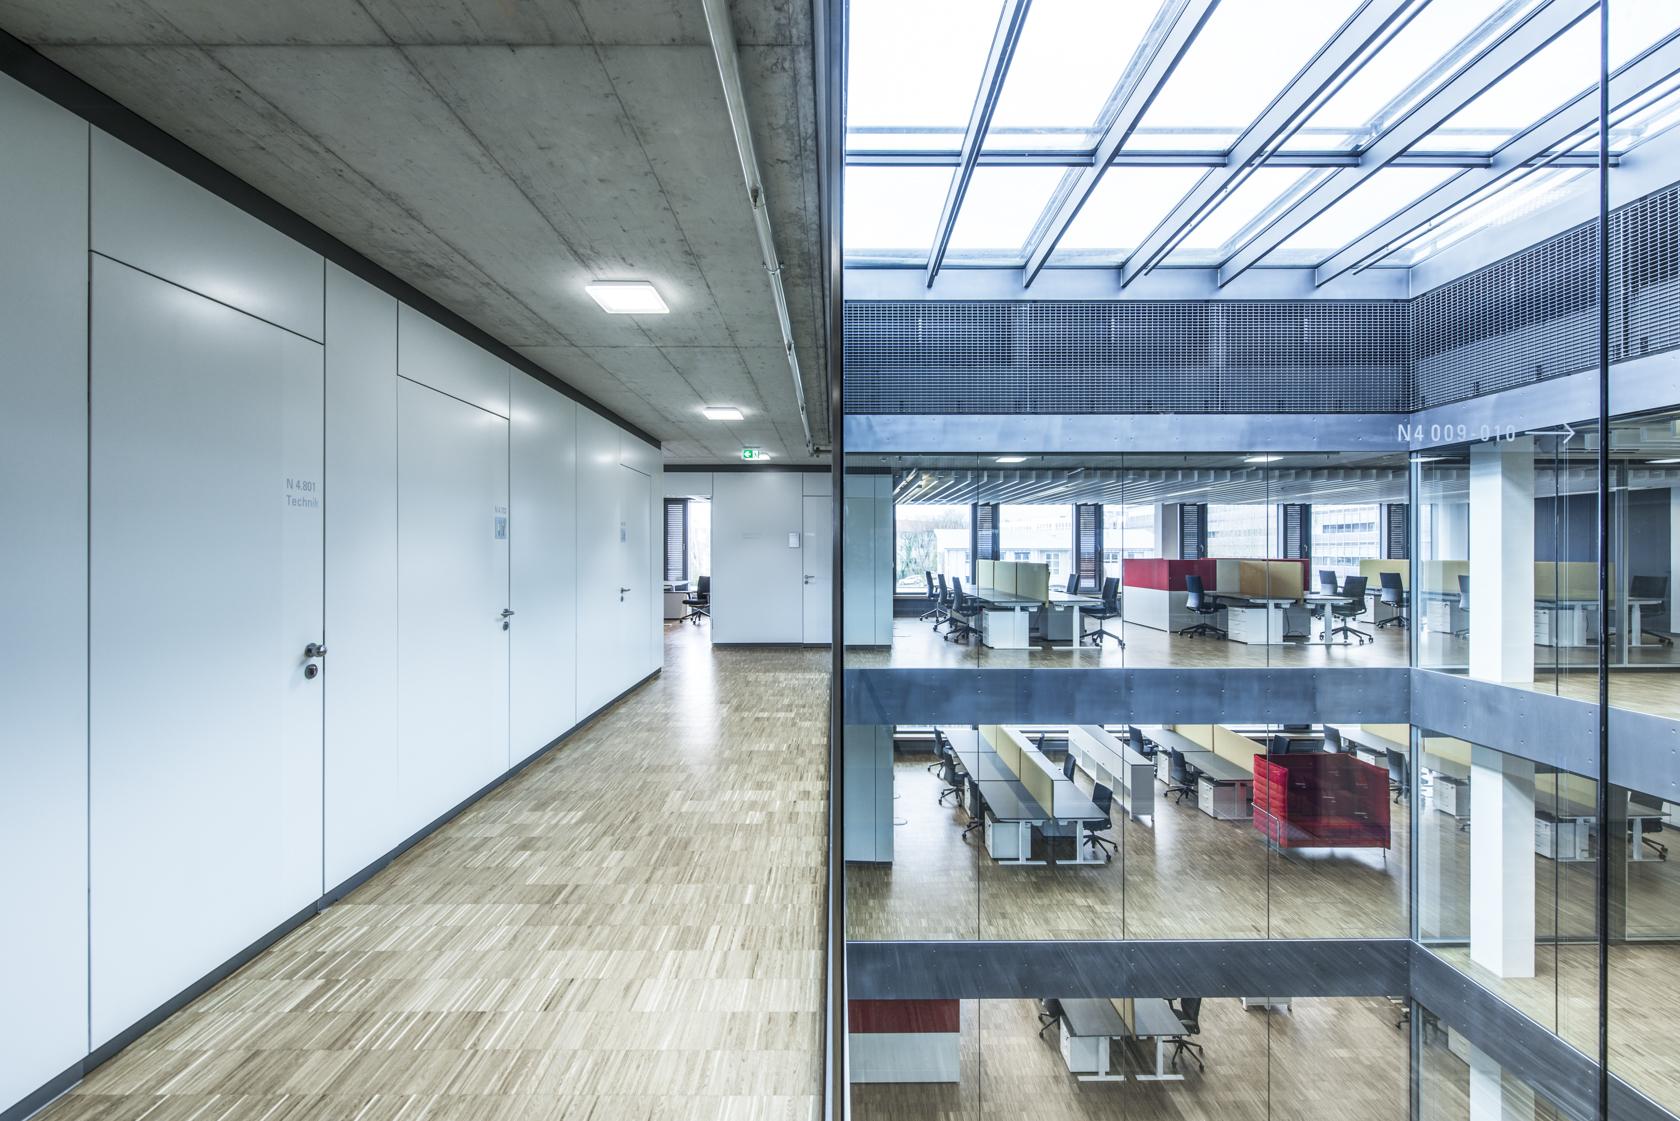 Max-Planck-Institut Für Intelligente Systeme (MPI IS) In Tübingen 5 - ArGe Architekten